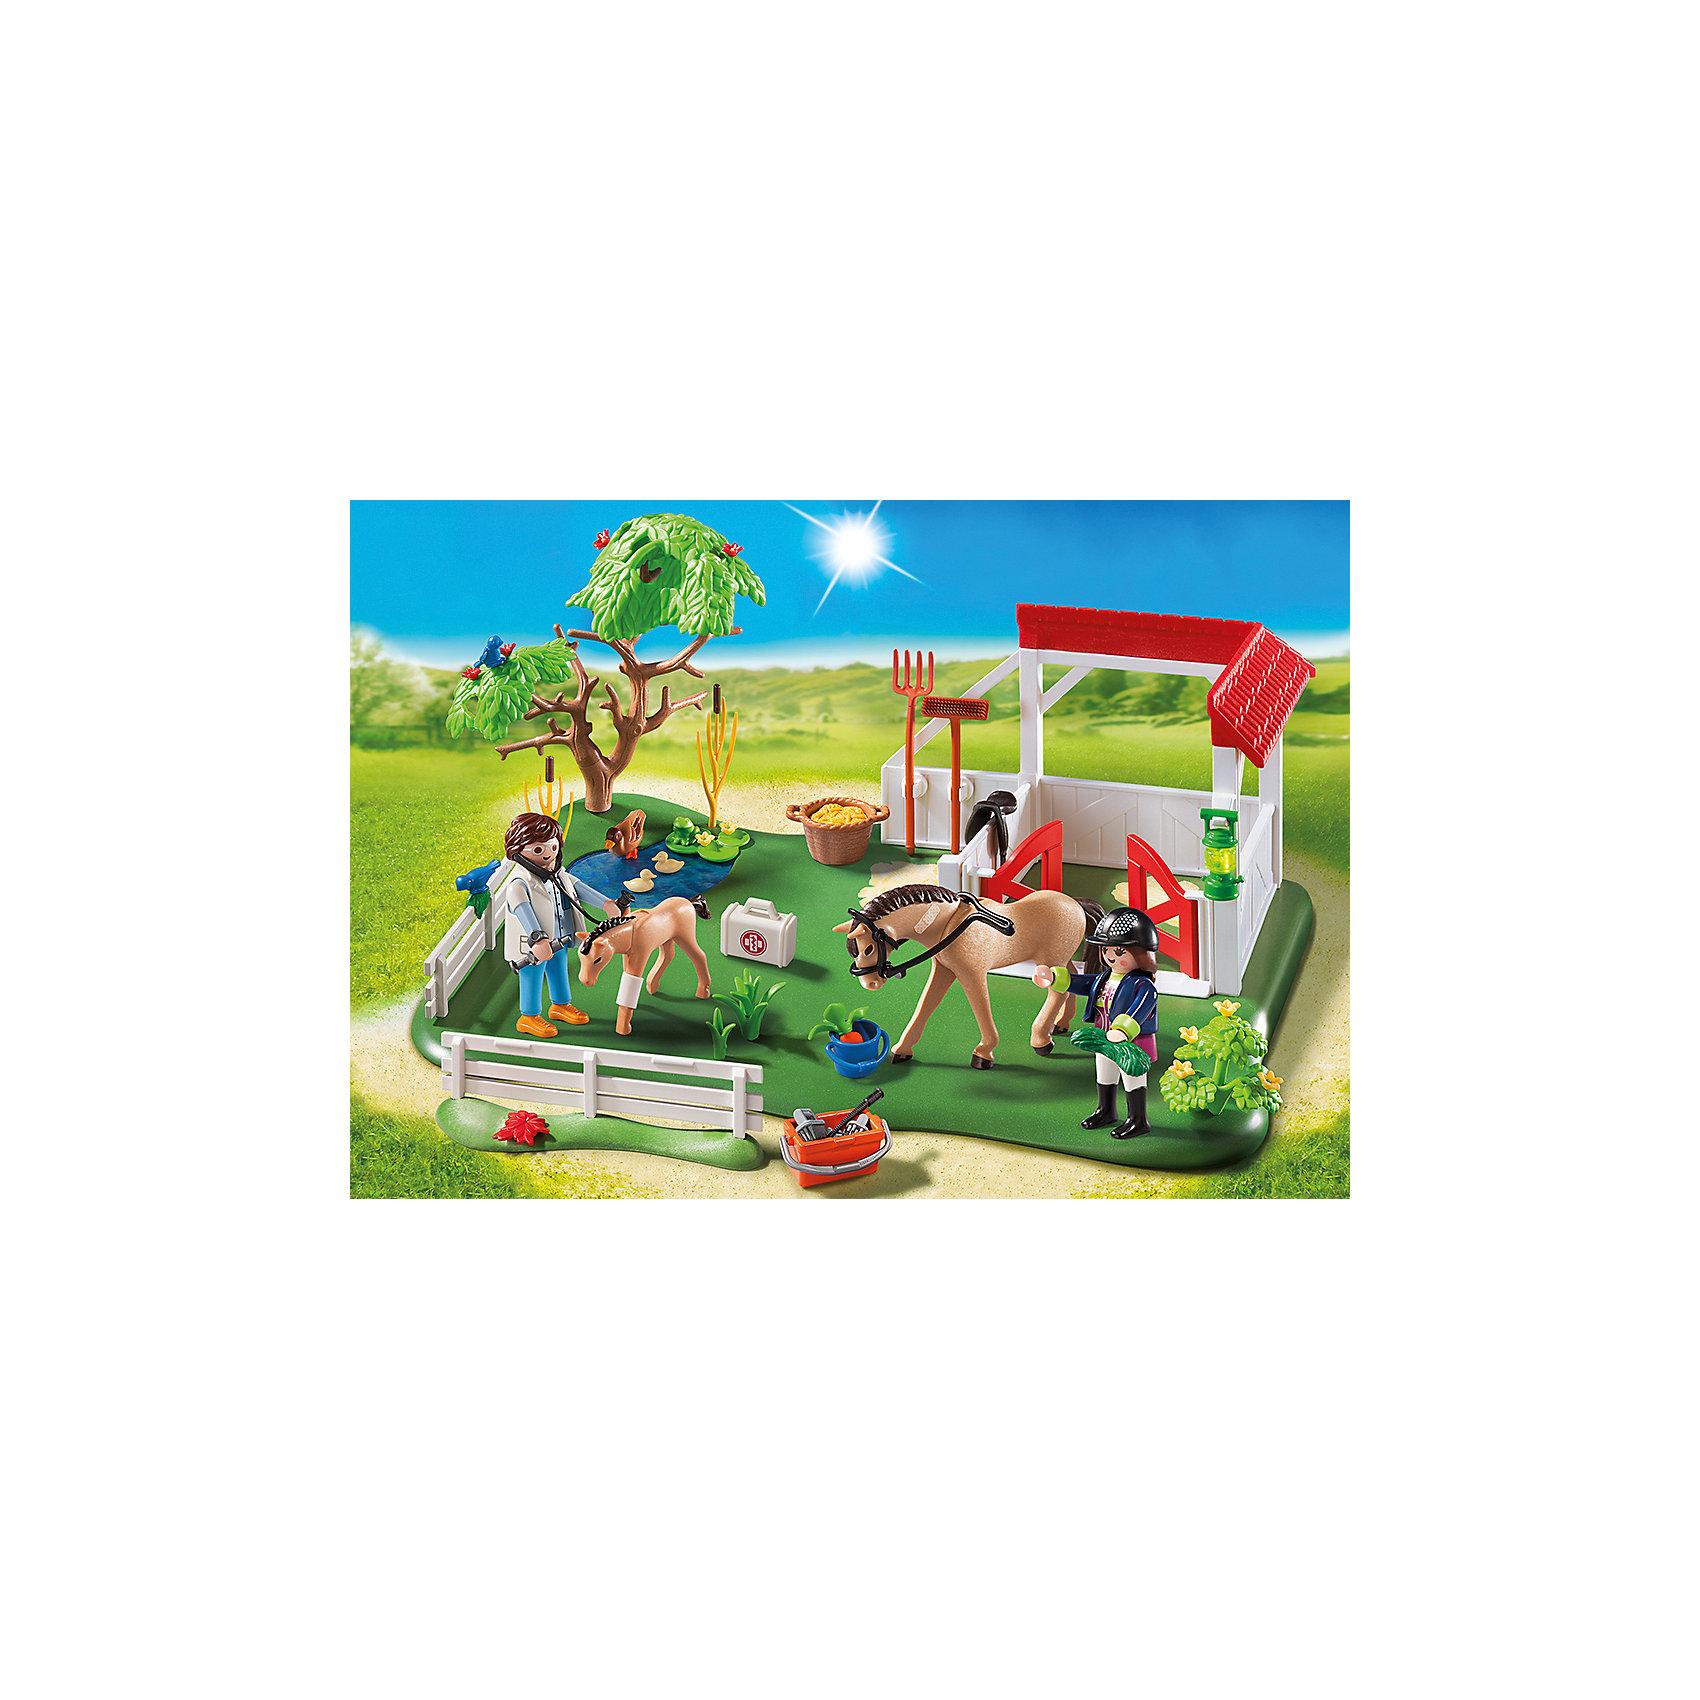 PLAYMOBIL® Супер набор: Загон для Лошадей, PLAYMOBIL